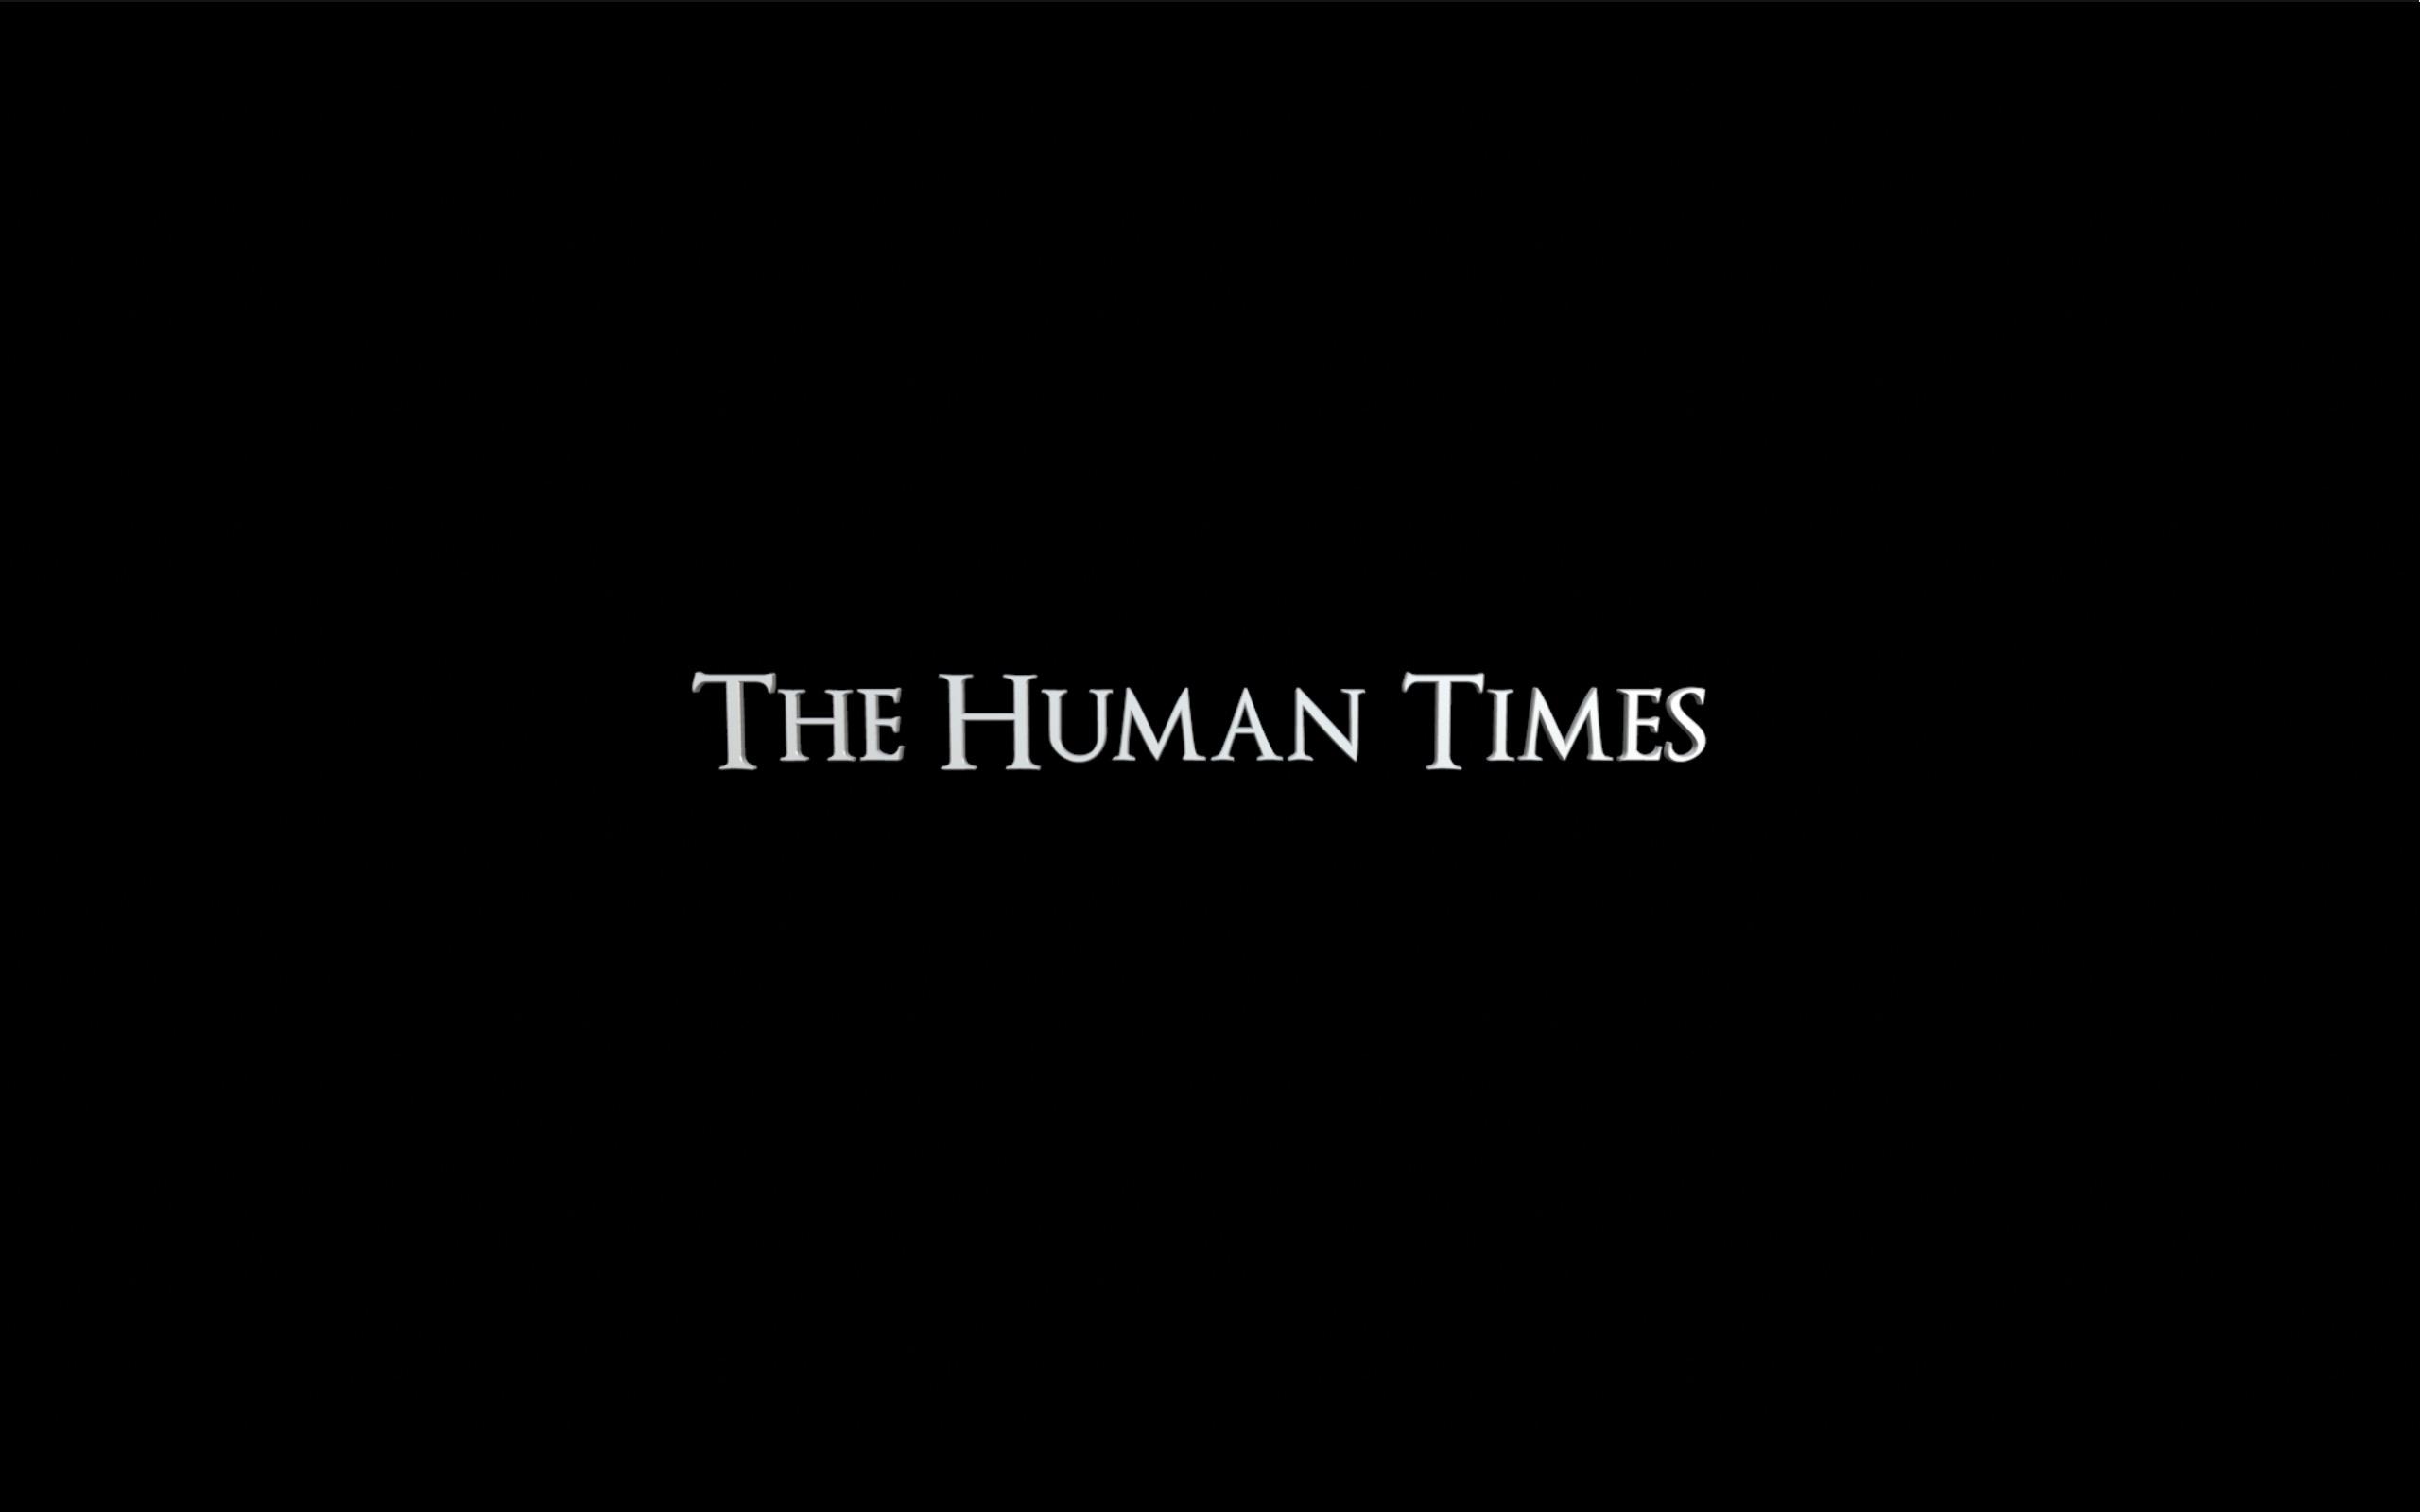 humantimes